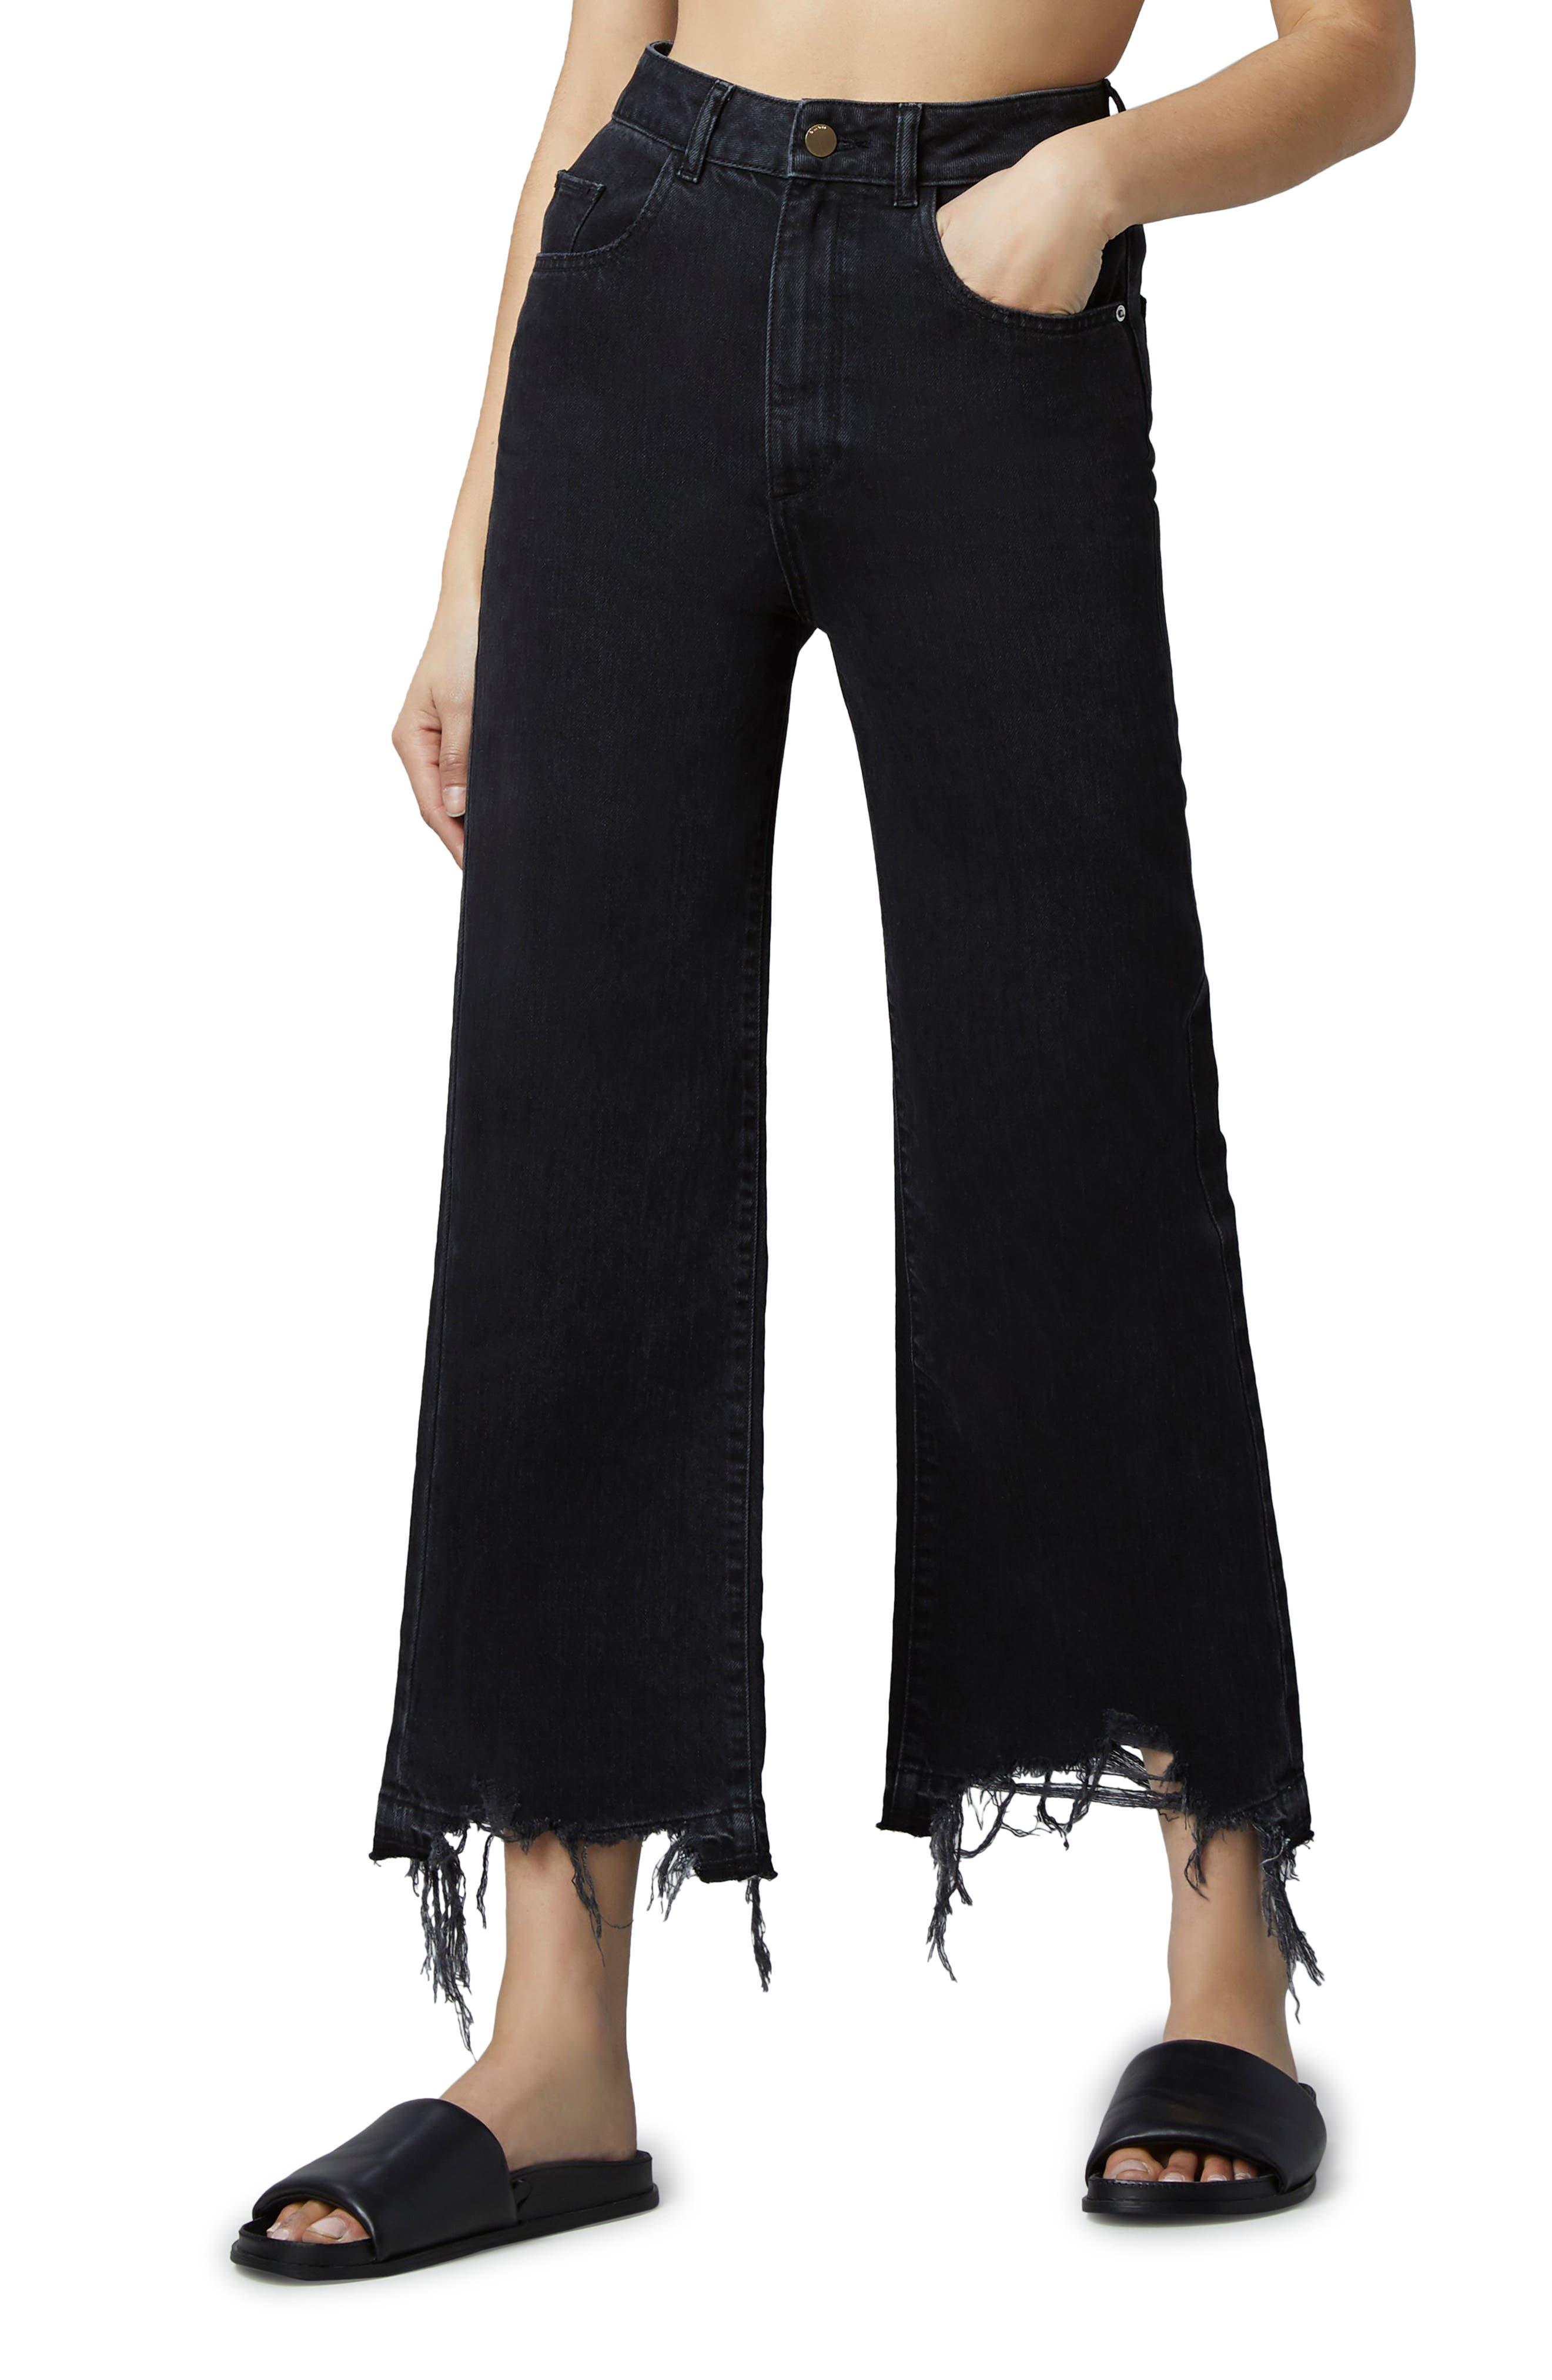 1961 Hepburn High Waist Crop Wide Leg Jeans